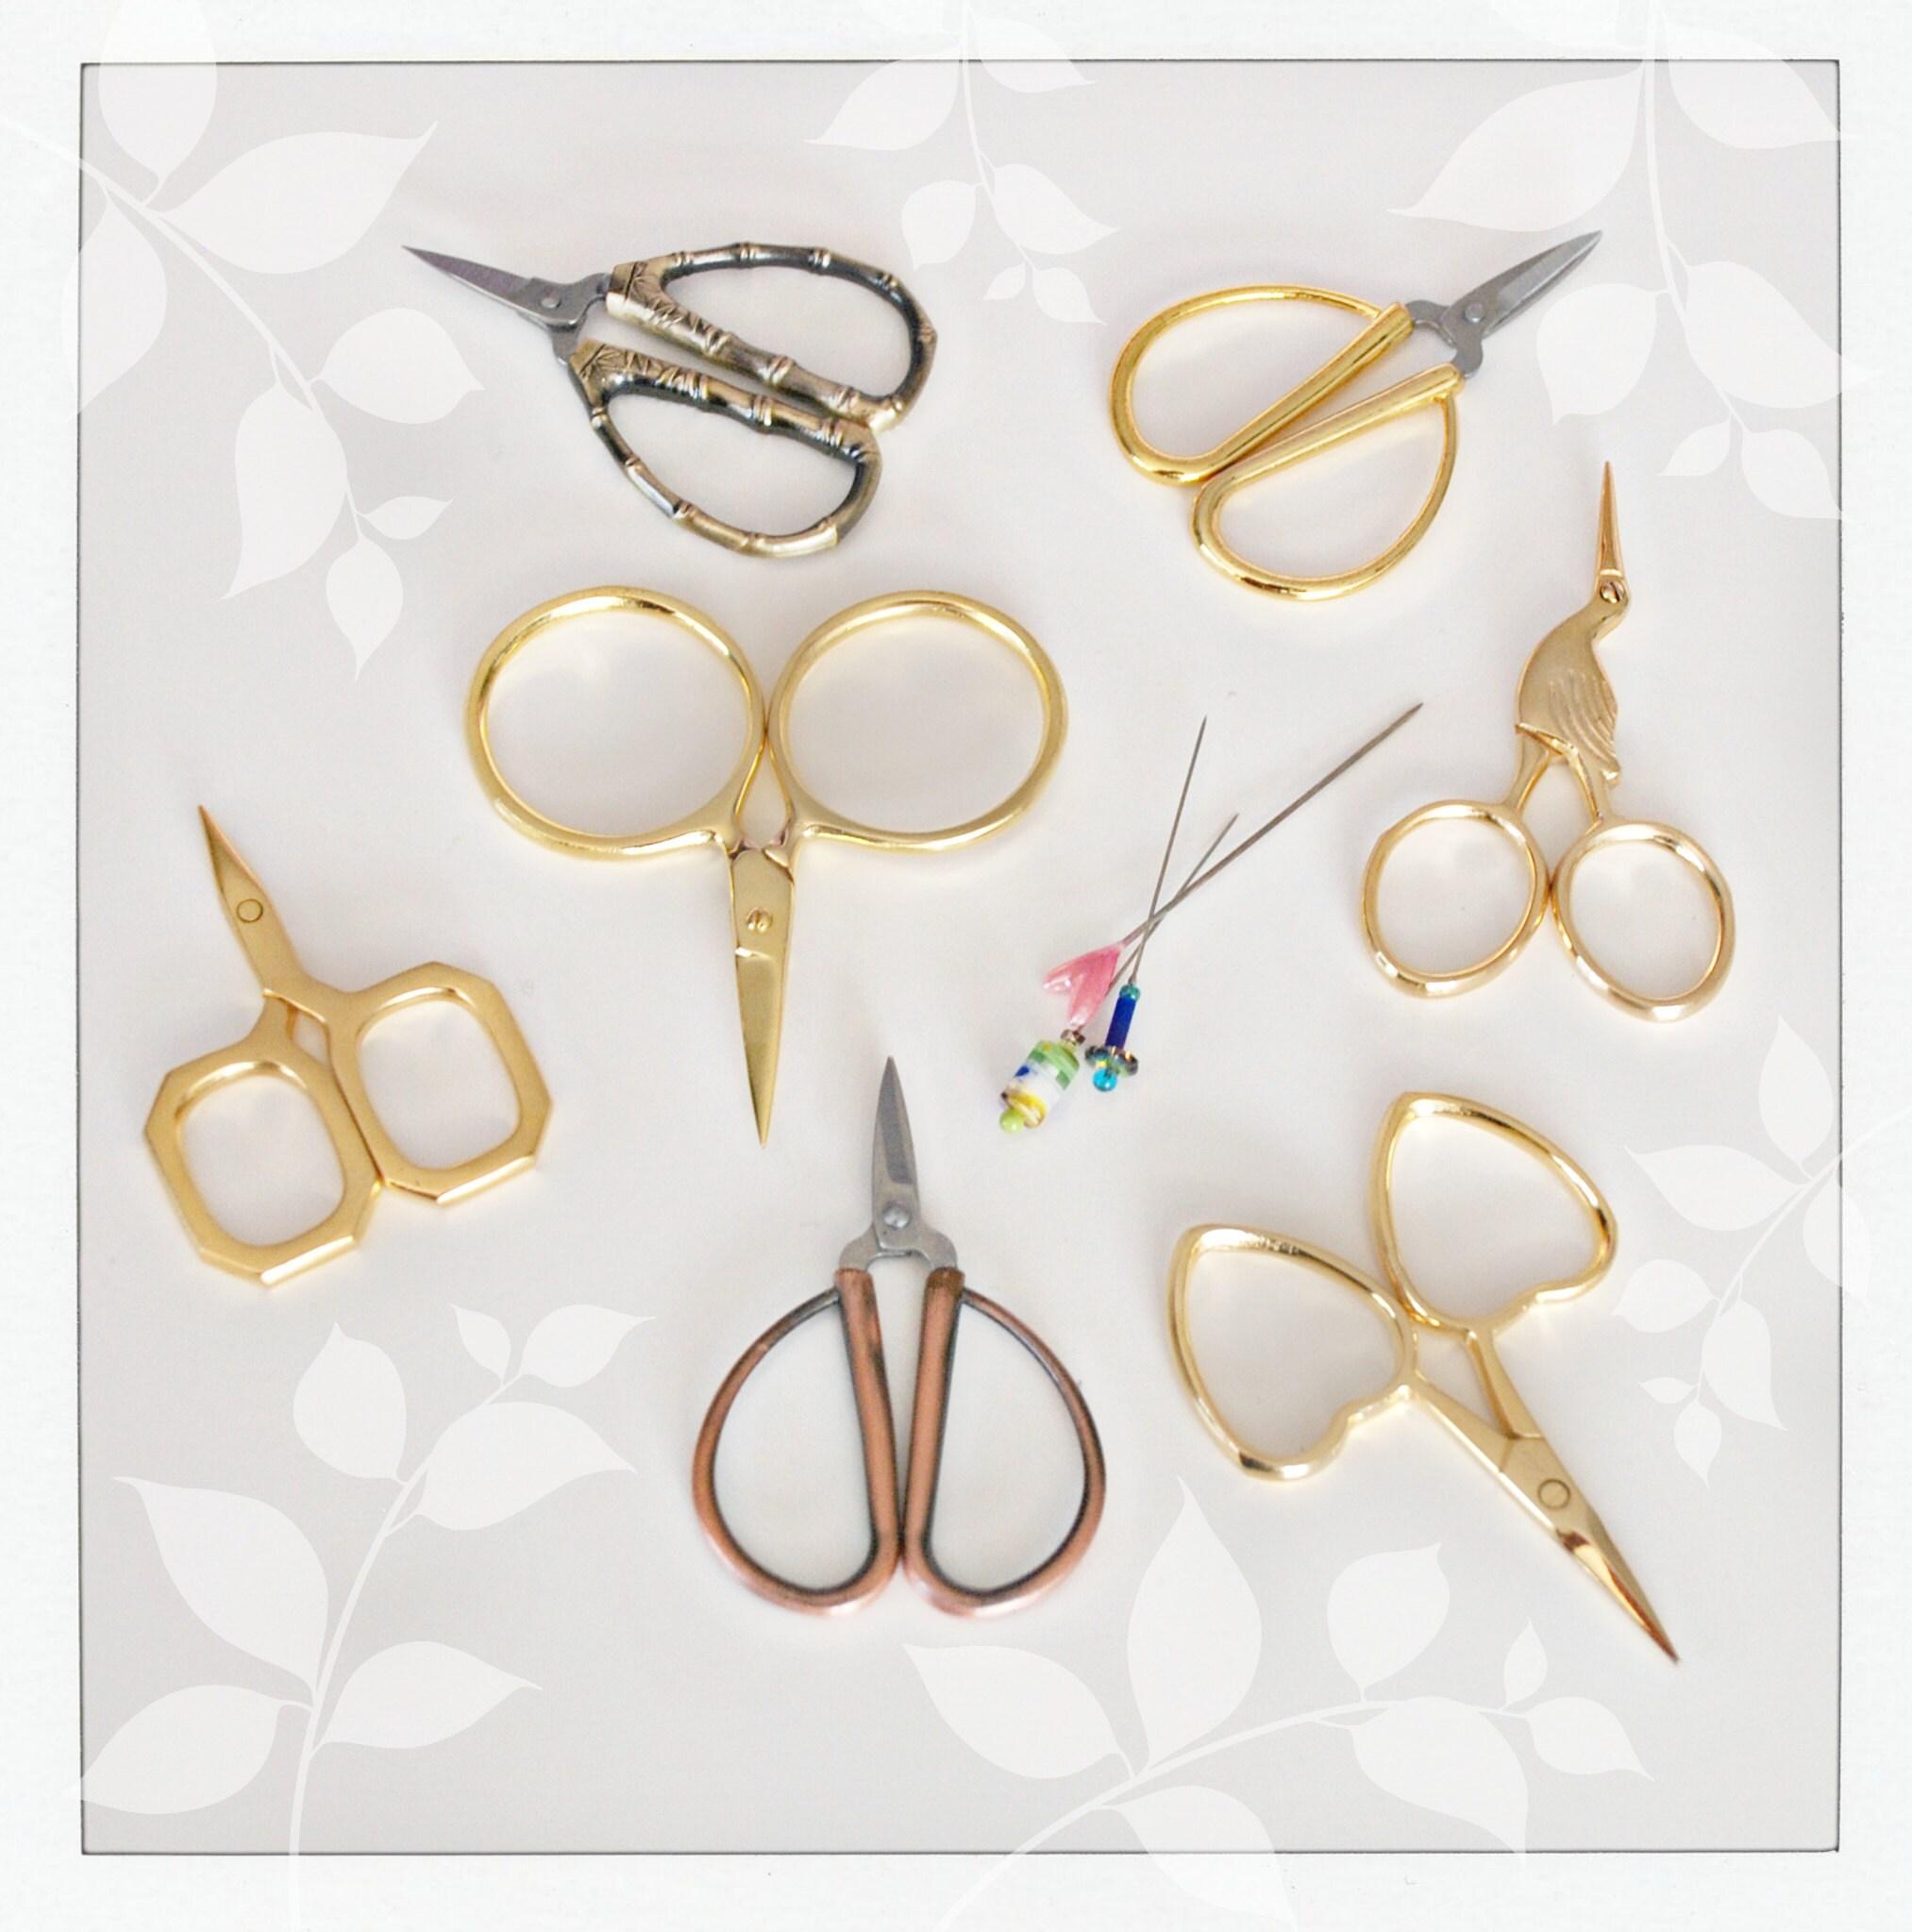 Appliques Mini Scissors